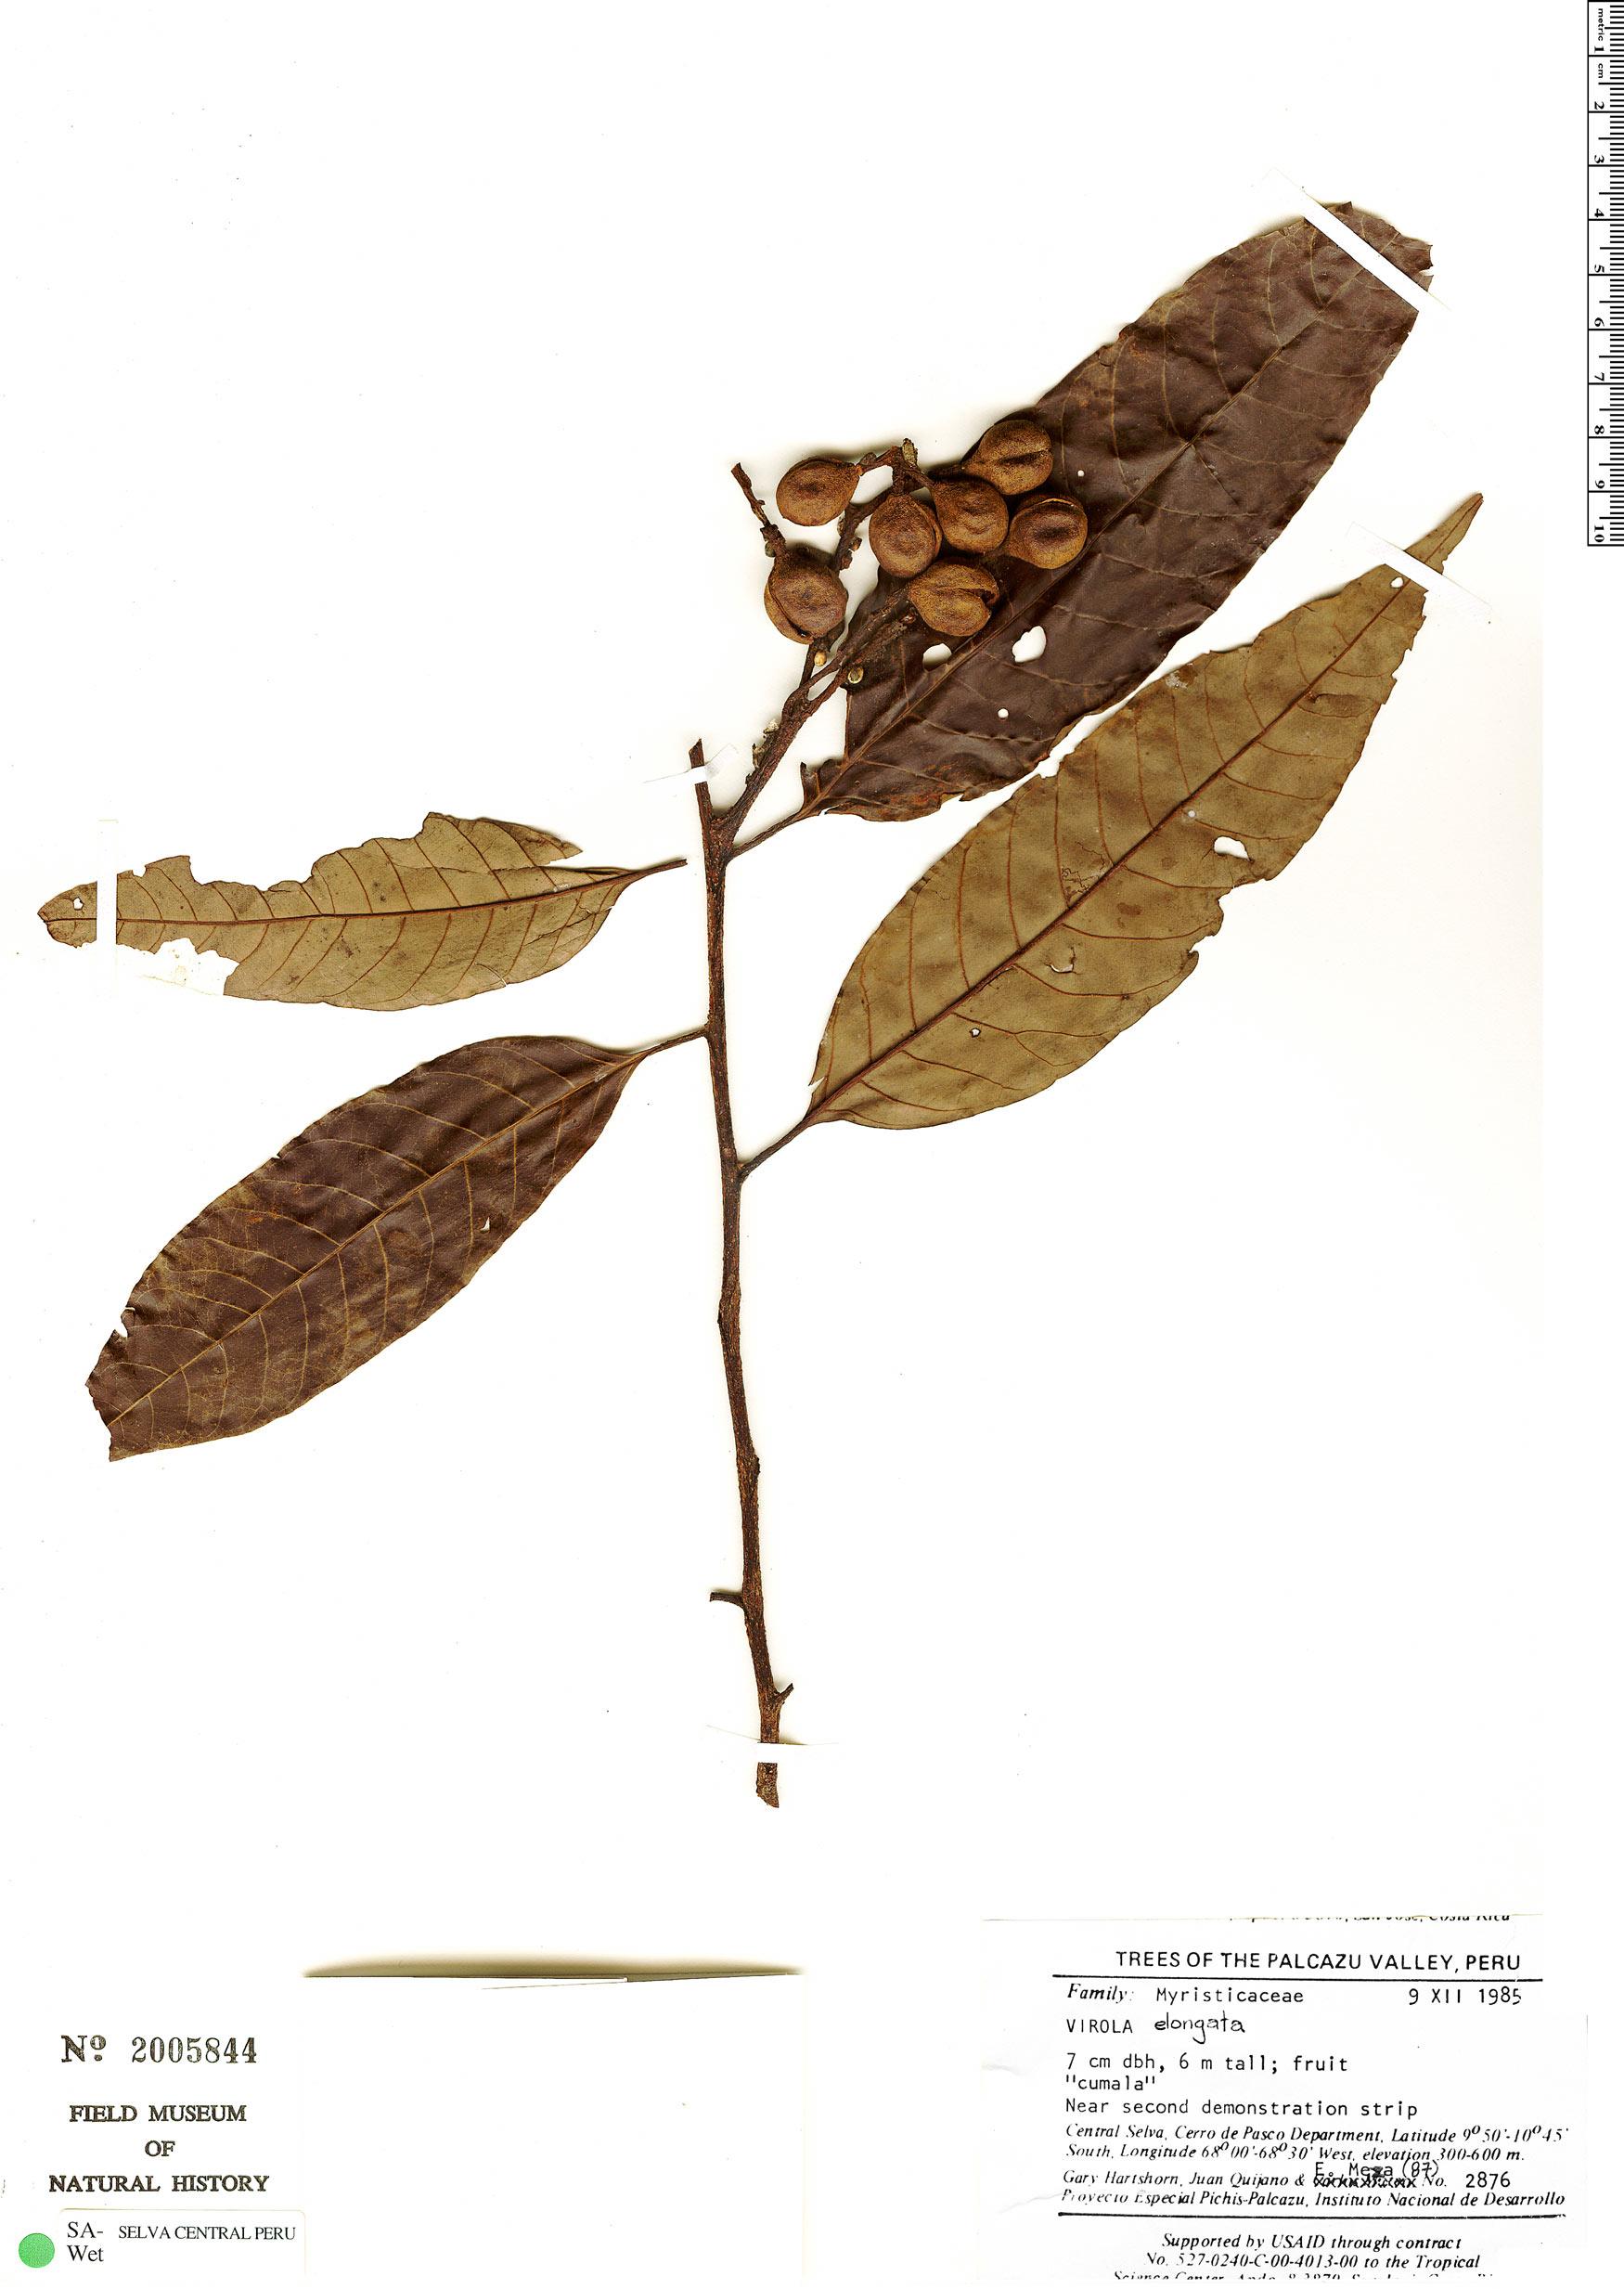 Specimen: Virola elongata